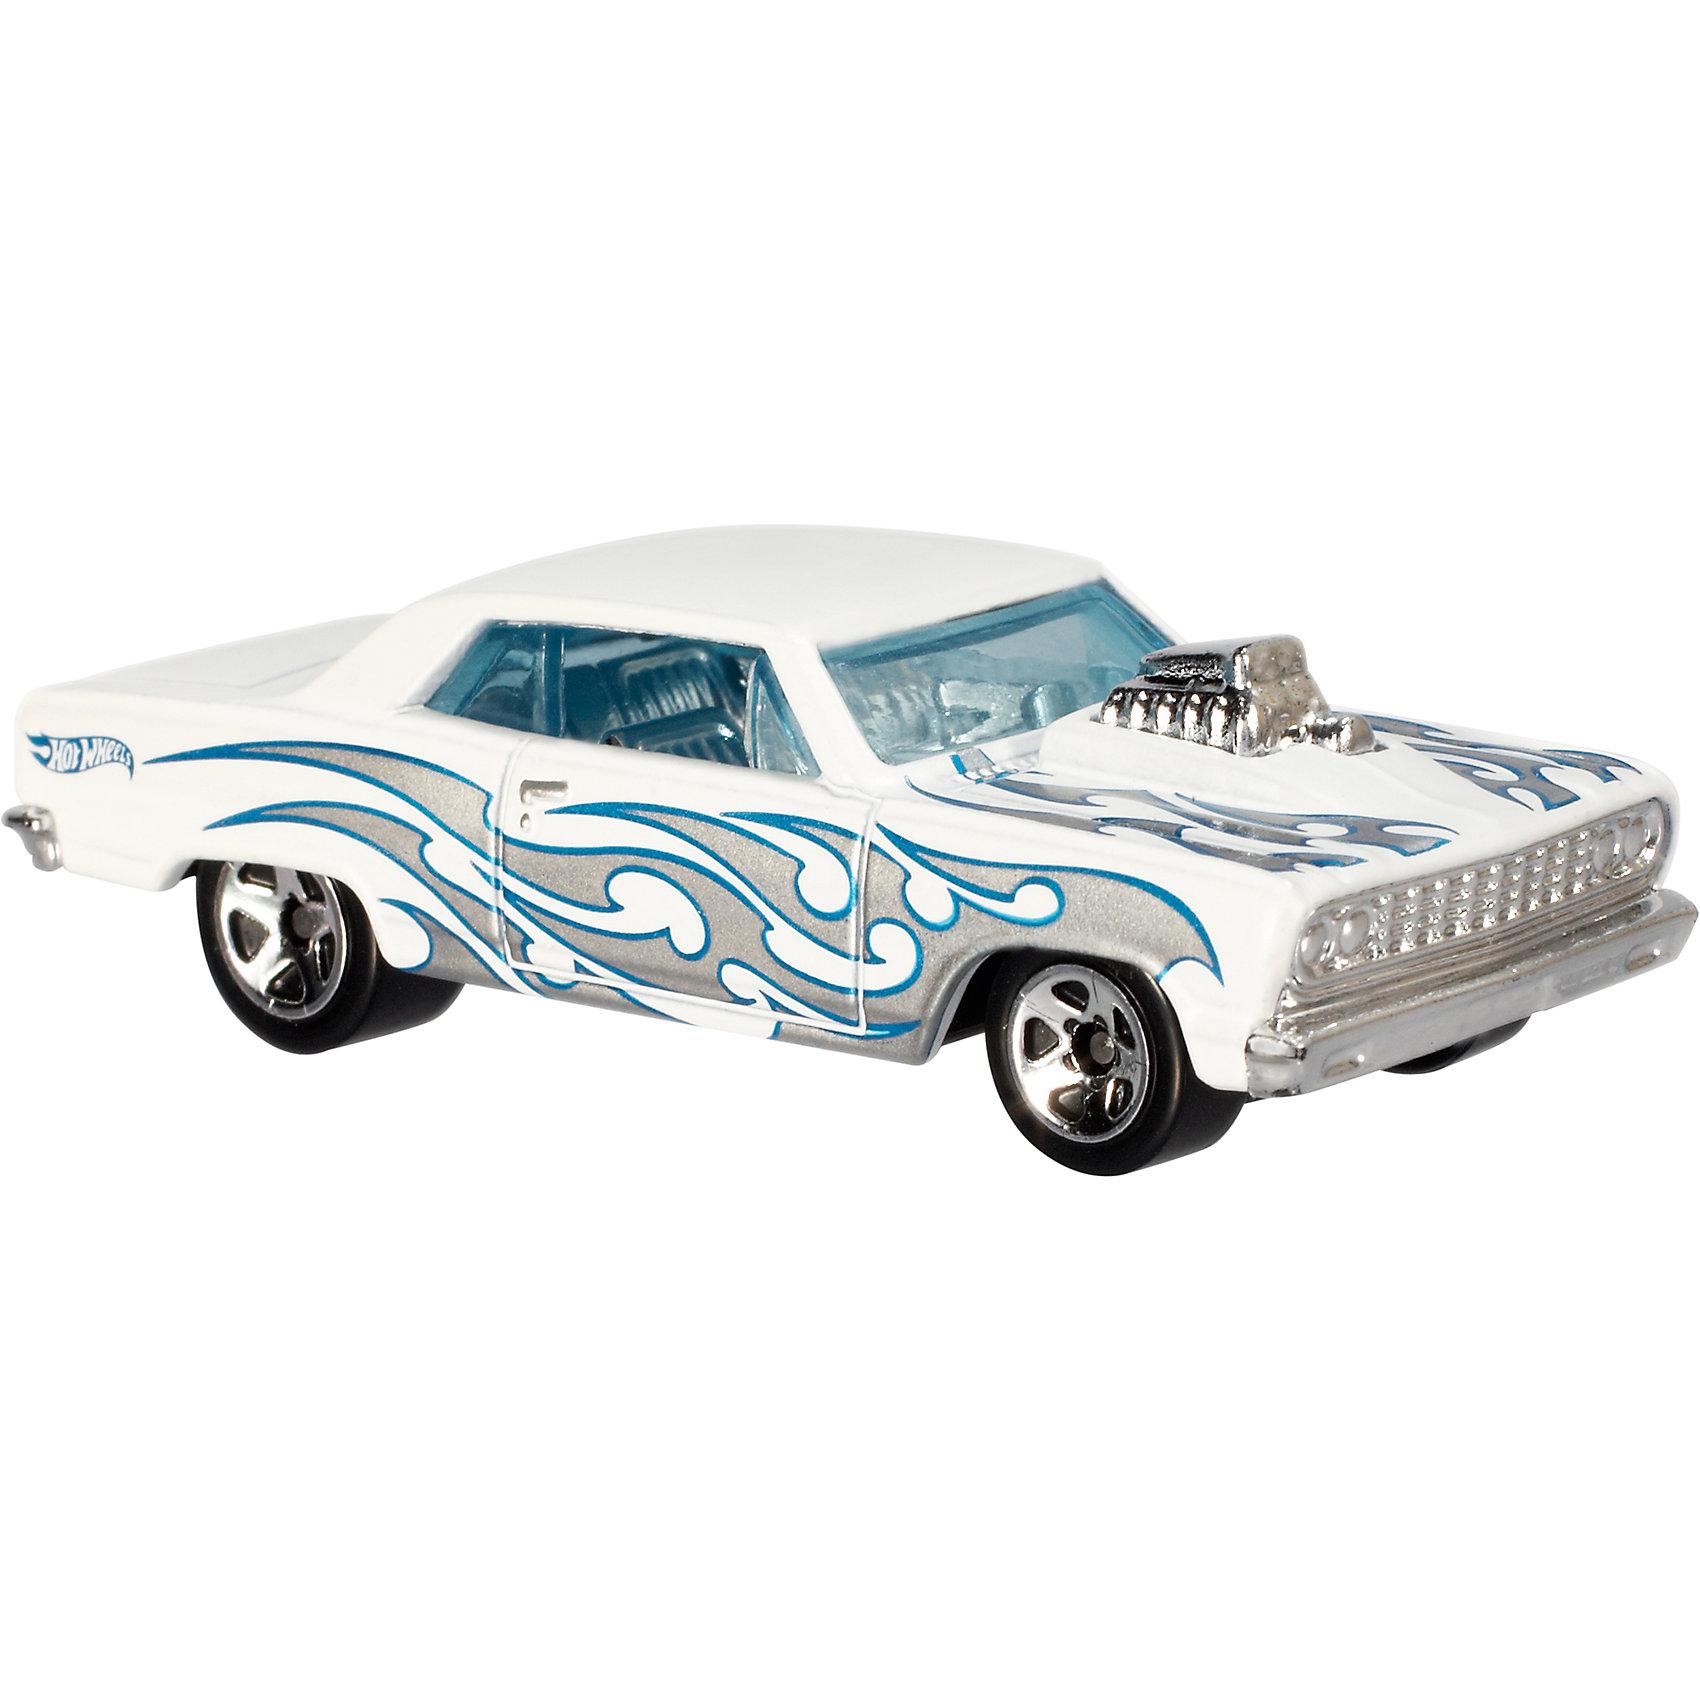 Базовая машинка Hot Wheels, 64 Chevy Chevelle SSПопулярные игрушки<br><br><br>Ширина мм: 110<br>Глубина мм: 45<br>Высота мм: 110<br>Вес г: 30<br>Возраст от месяцев: 36<br>Возраст до месяцев: 96<br>Пол: Мужской<br>Возраст: Детский<br>SKU: 7111906